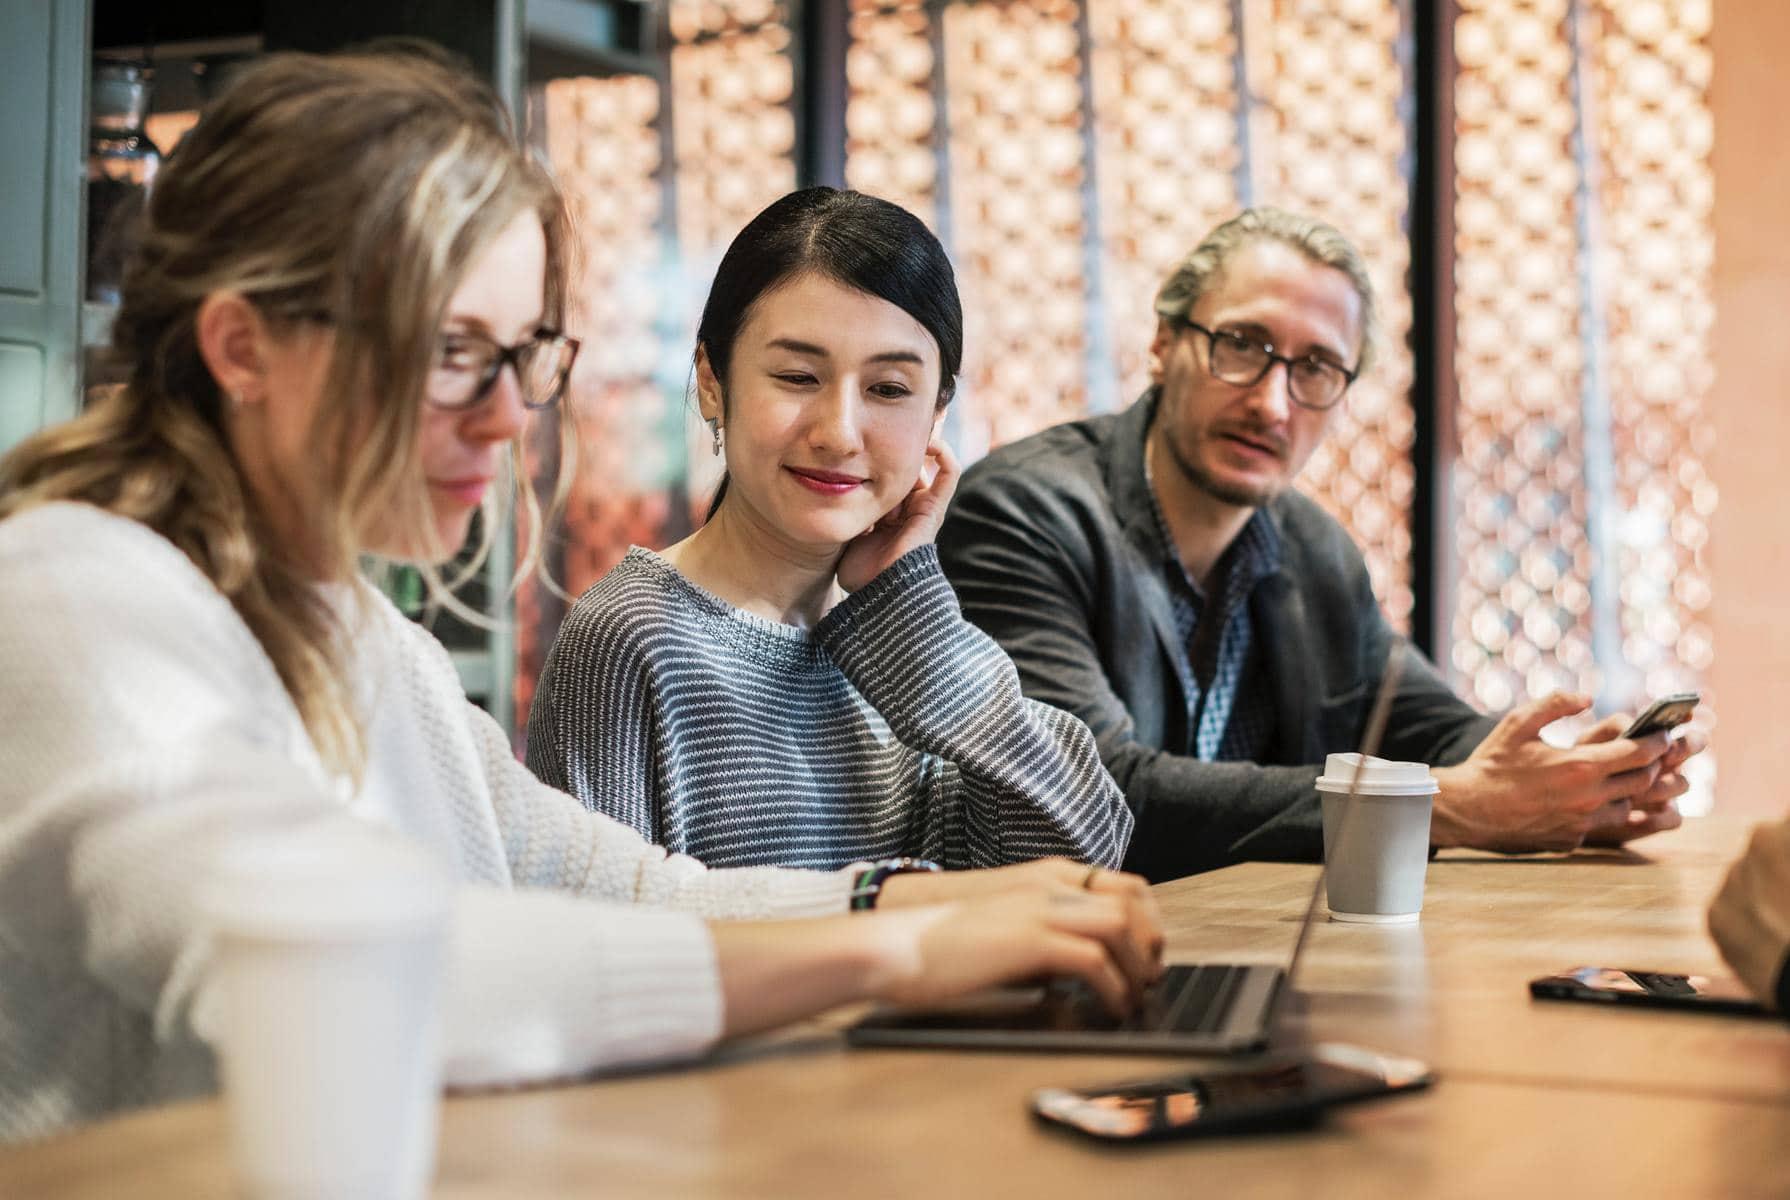 PR im Employer Branding: Wie kann PR helfen neue Mitarbeiter zu finden? Welche Rolle spielt die Marke bei der Gewinnung von Mitarbeitern? Was sind konkrete Schritte um mit PR im HR-Bereich zu starten? Allan Grap von Bettertrust gibt Antworten.